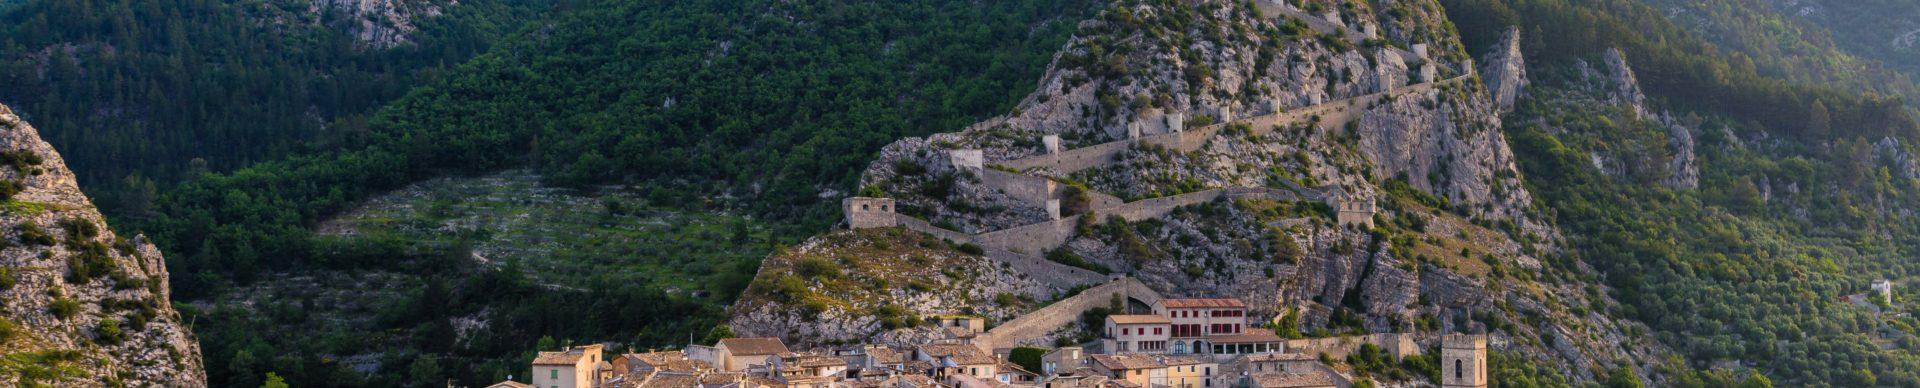 Entrevaux citadelle (roccaforte) fortificata Vauban ©T. Verneuil